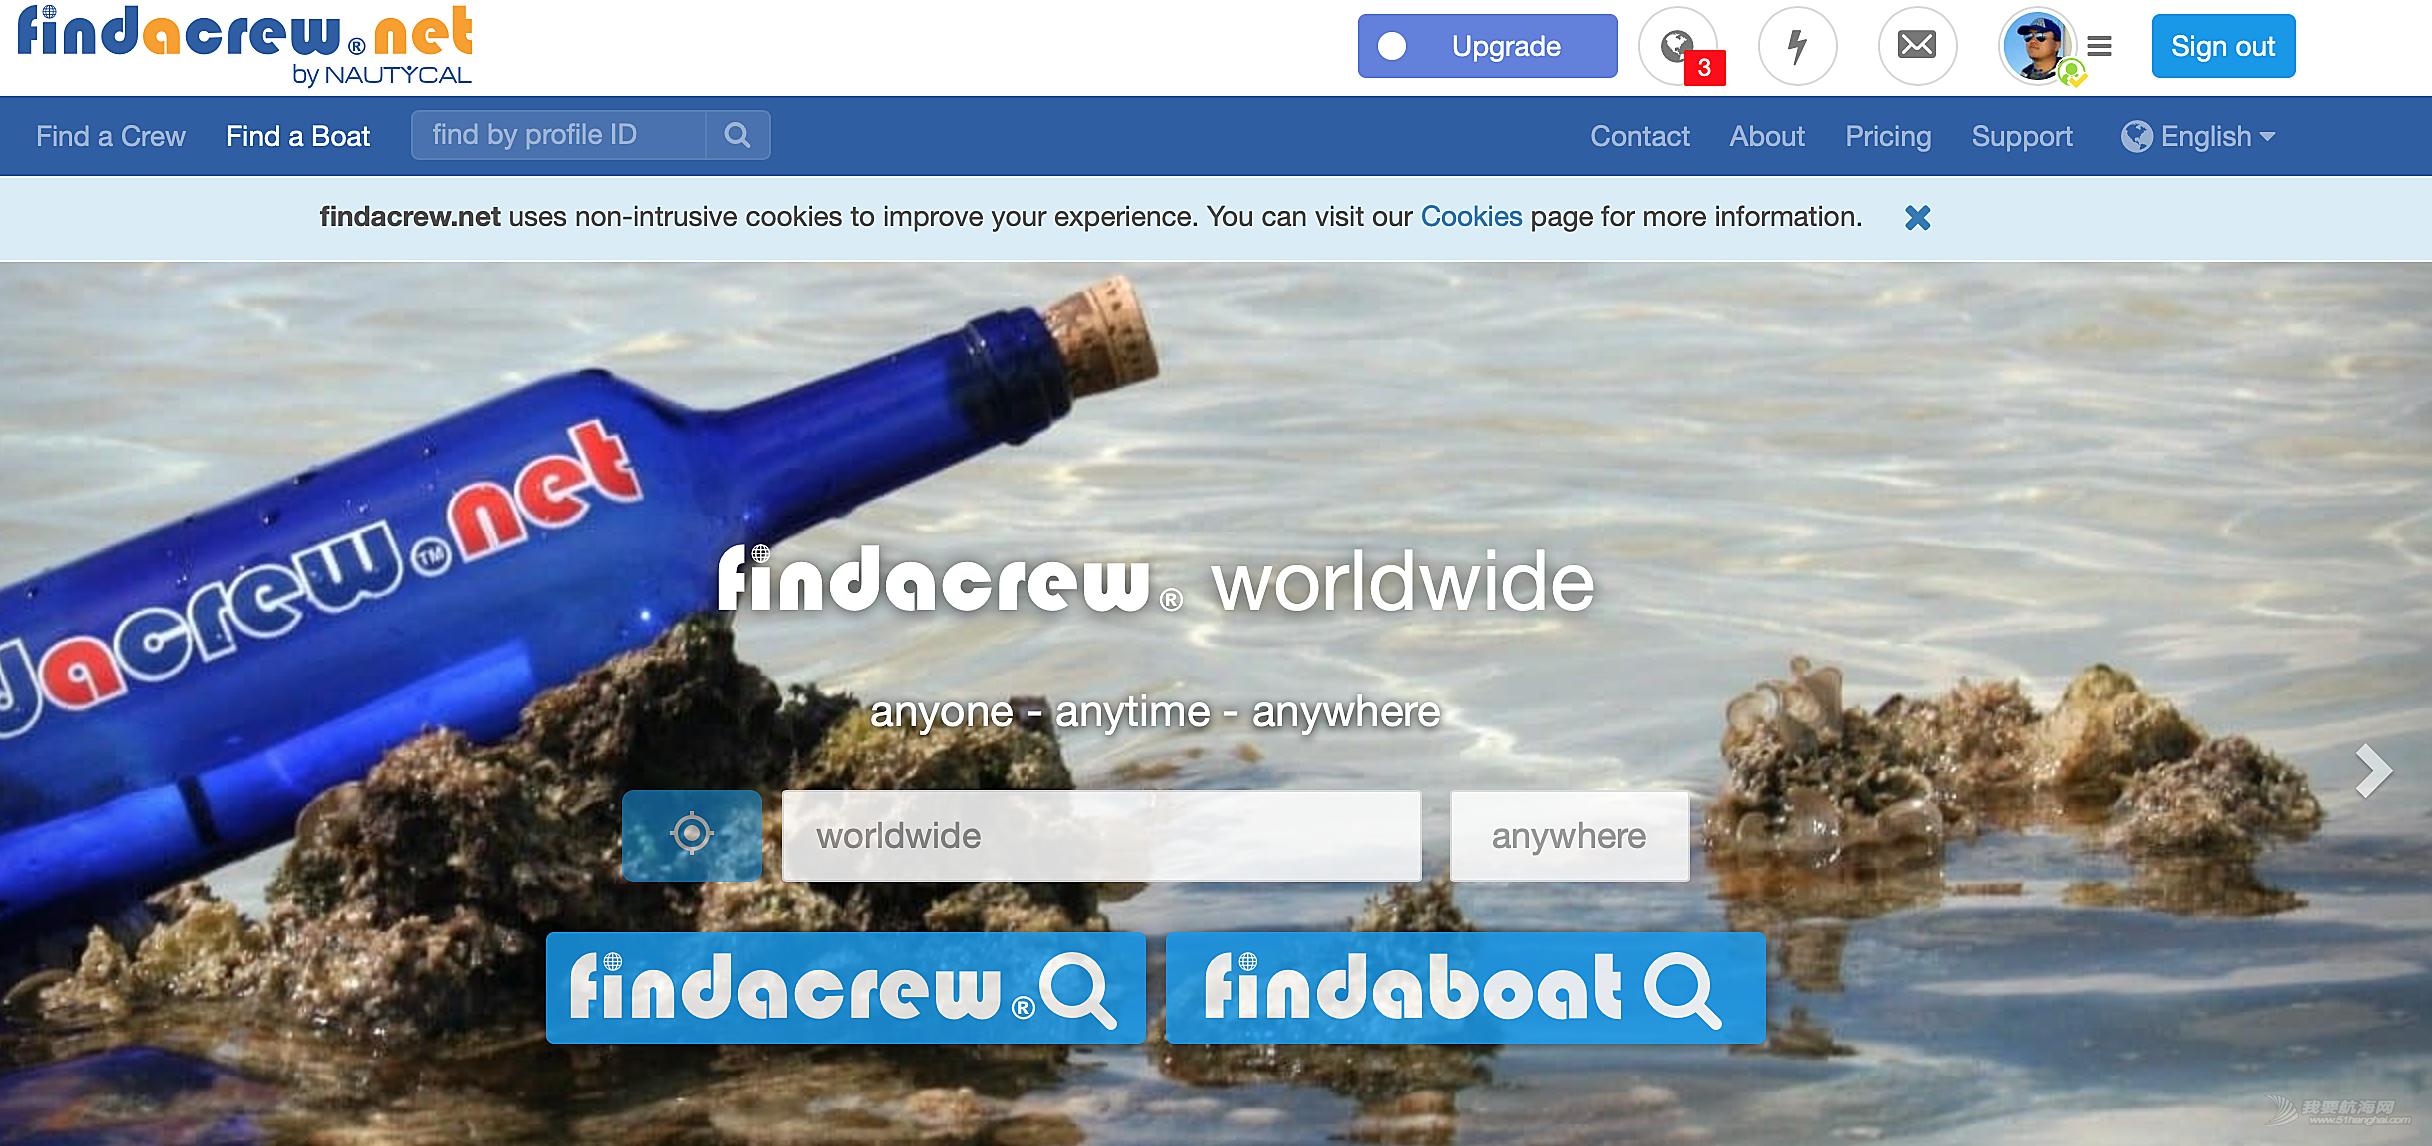 【干货】想搭帆船环球吗?先学会用这个网站吧